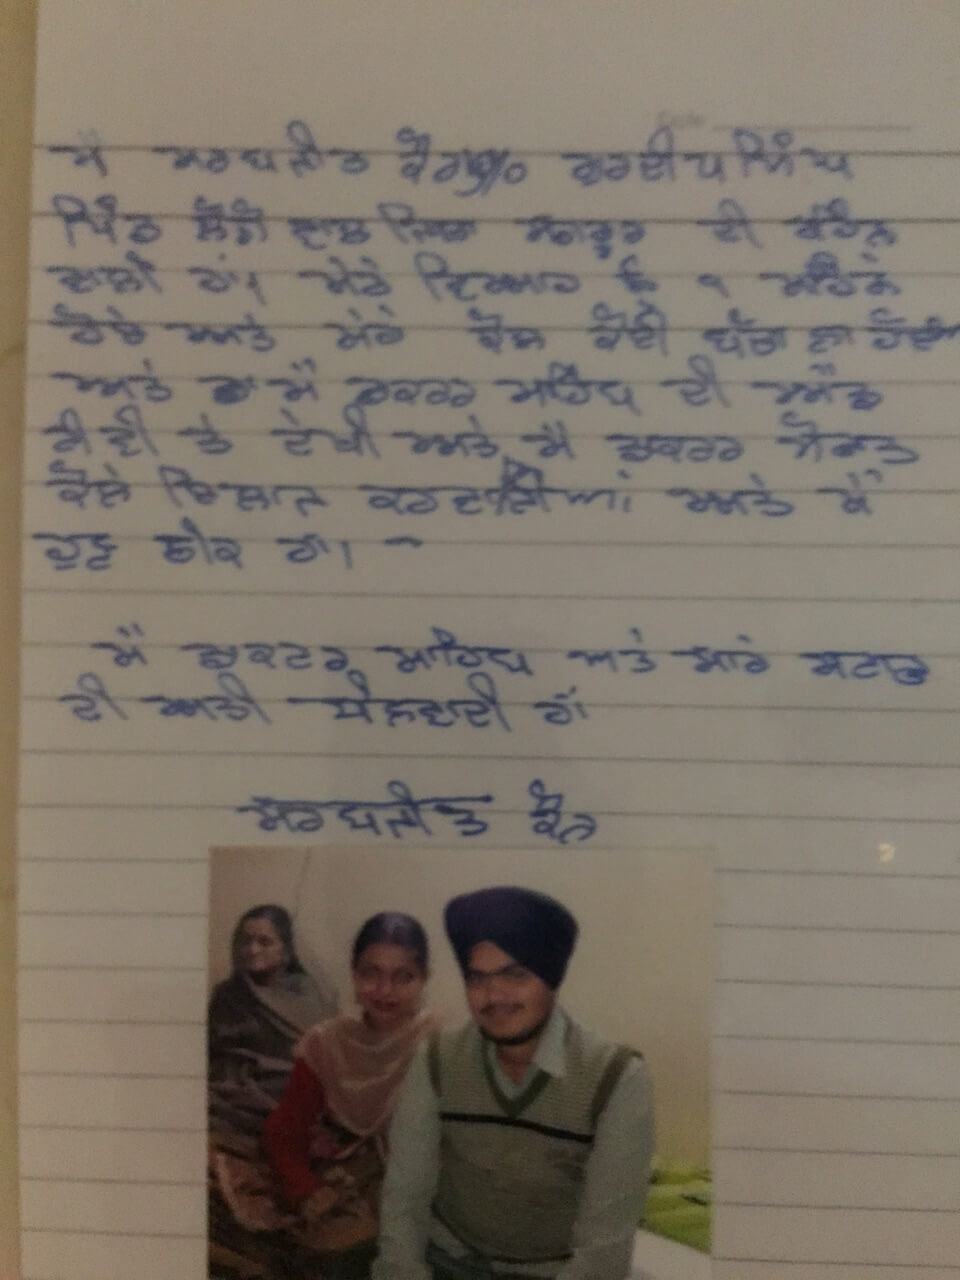 Surdeep-Singh-Sarabjit-Kaur